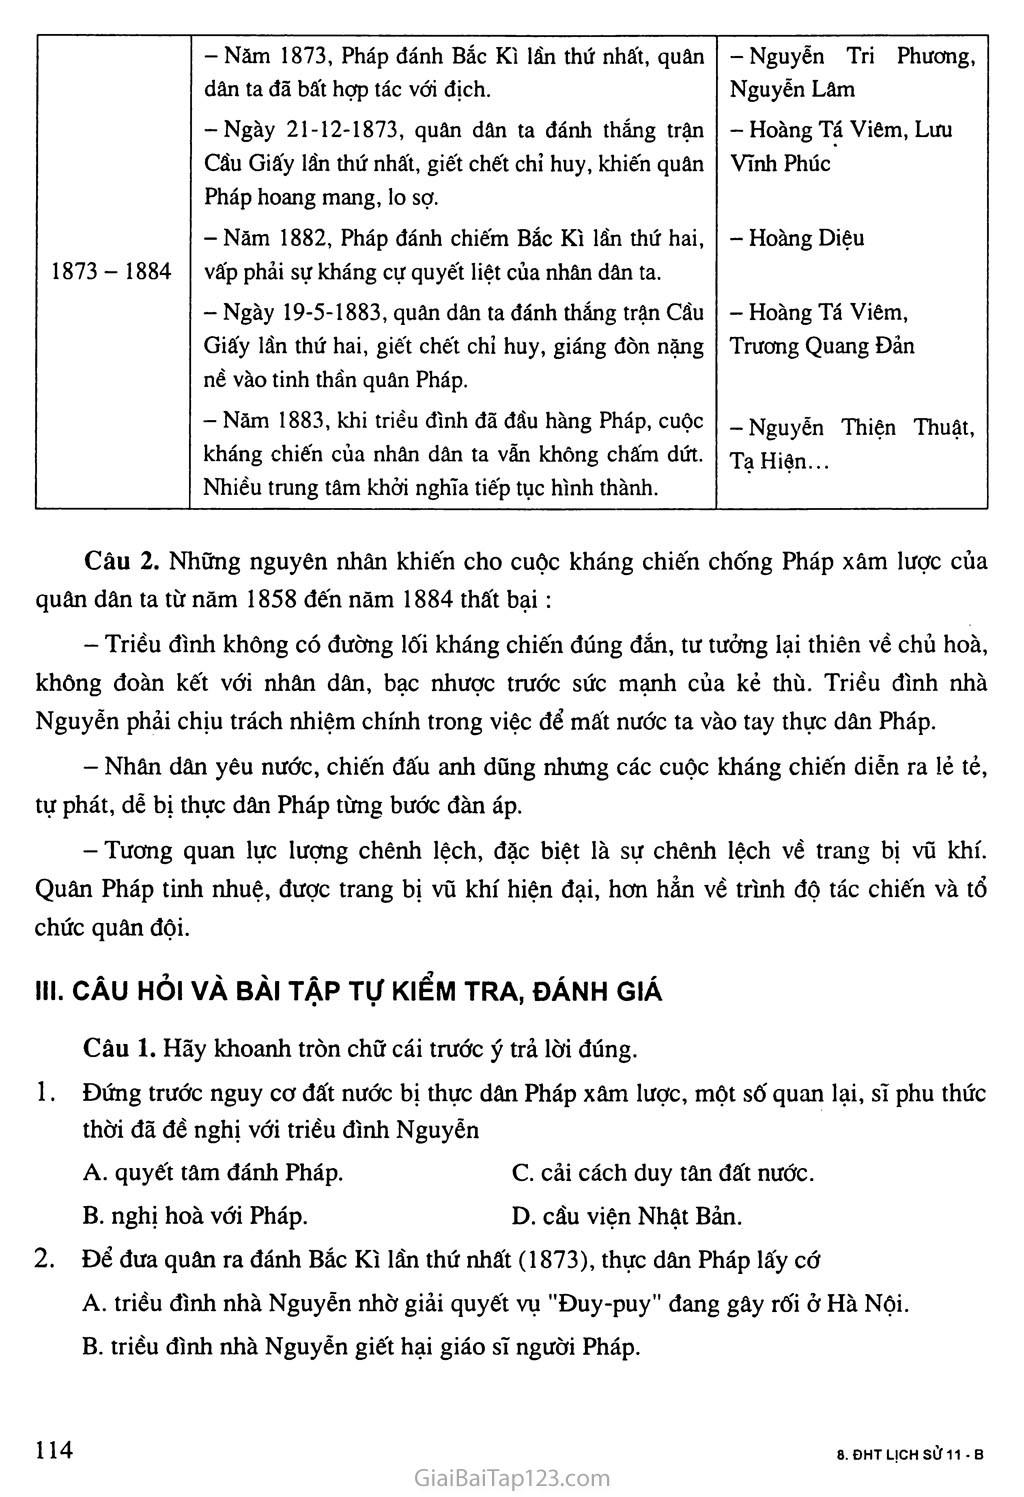 Bài 20: Chiến sự lan rộng ra cả nước. Cuộc kháng chiến của nhân dân ta từ năm 1873 đến năm 1884. Nhà Nguyễn đầu hàng trang 7